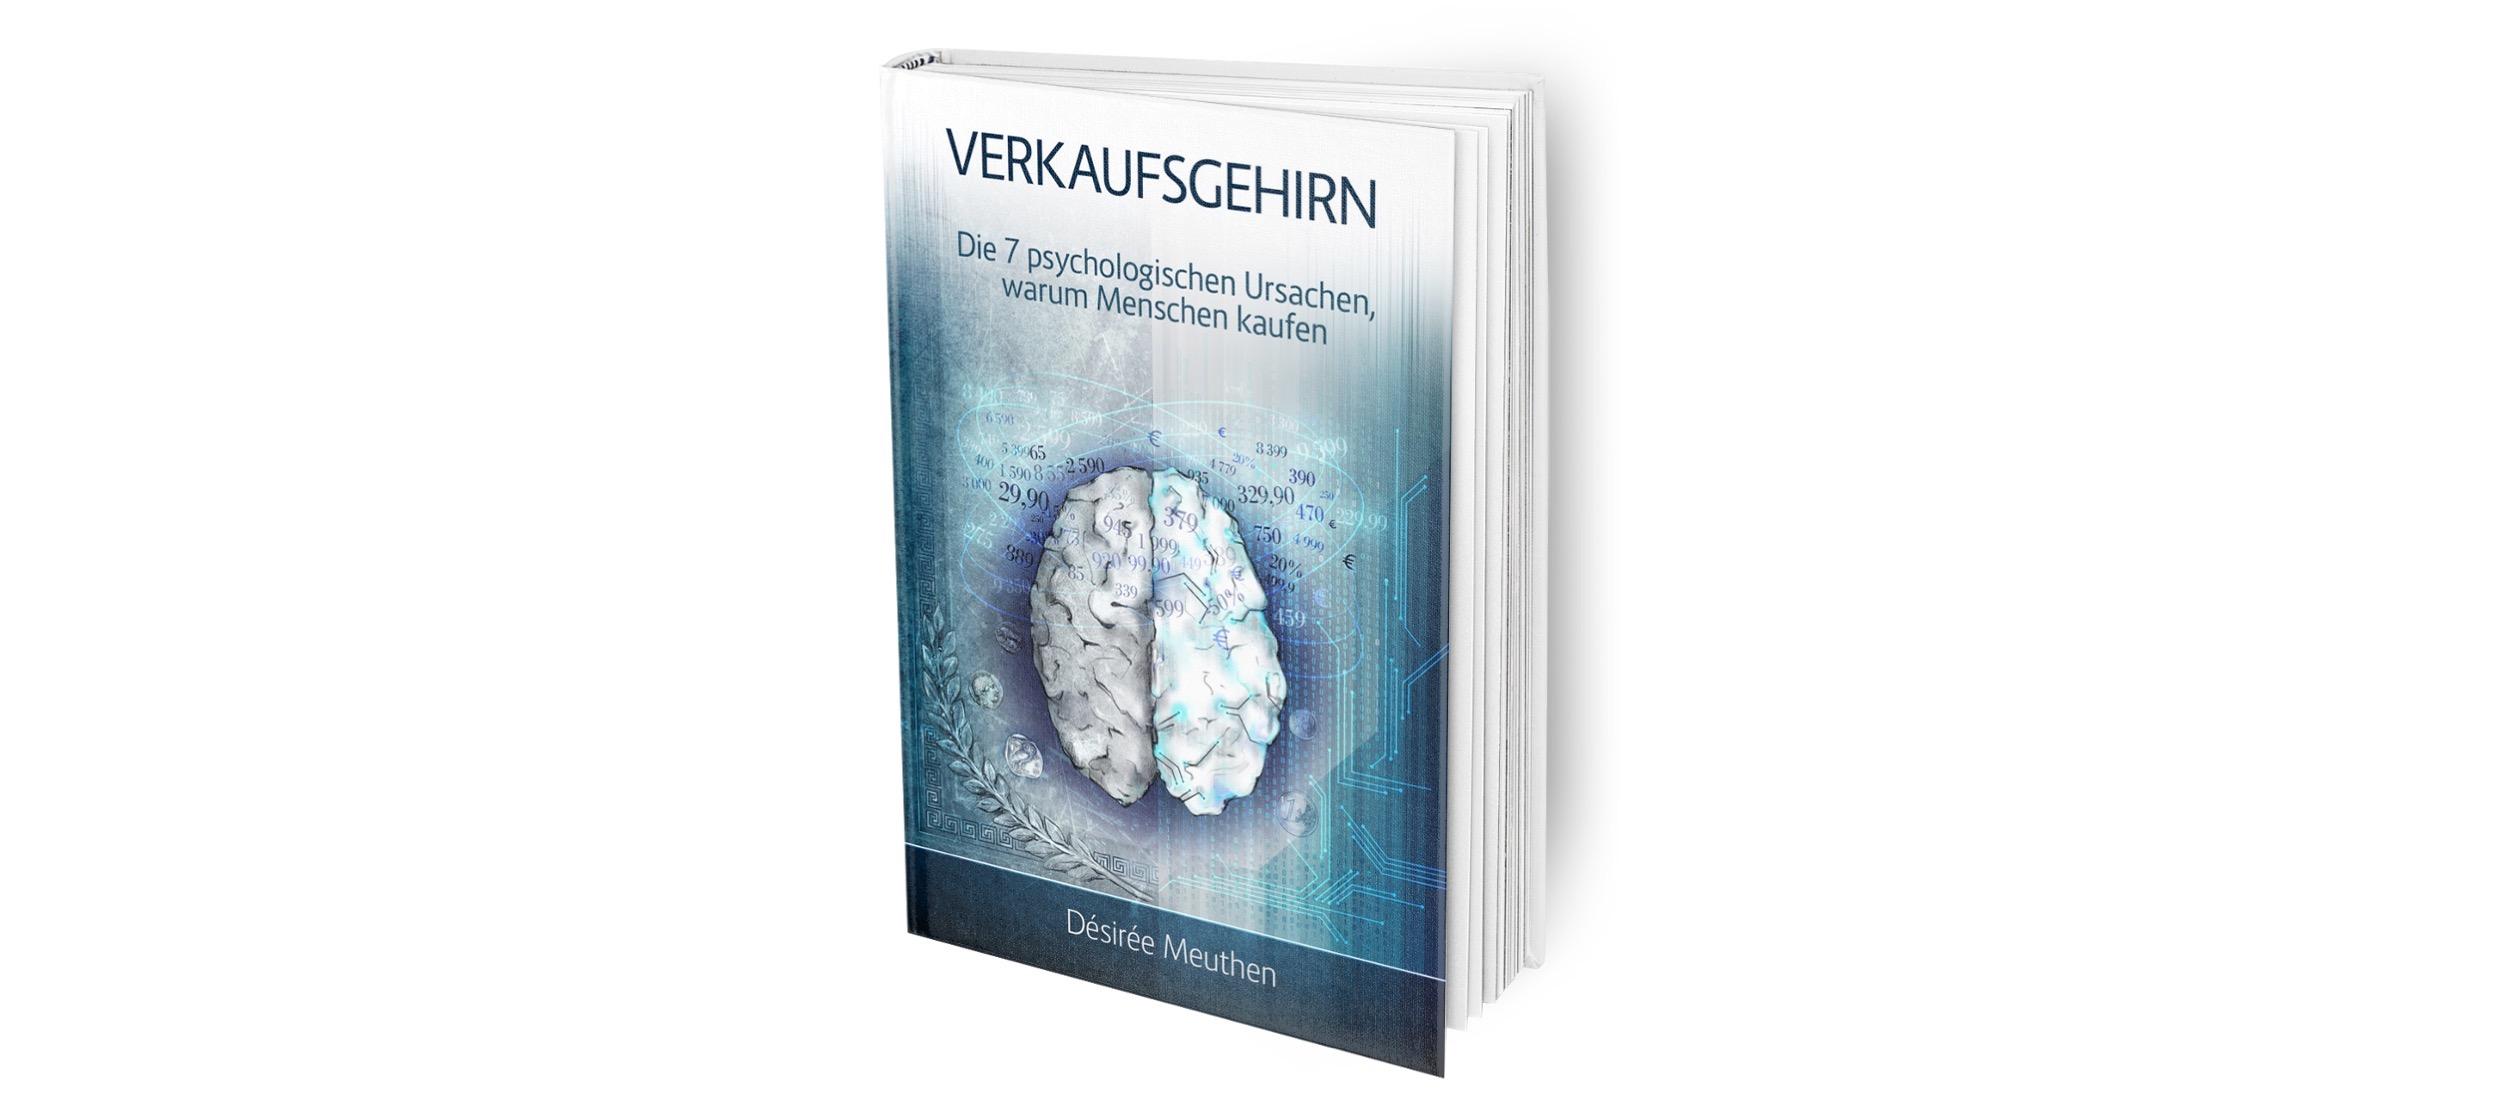 Mein Buch über Verkaufspsychologie